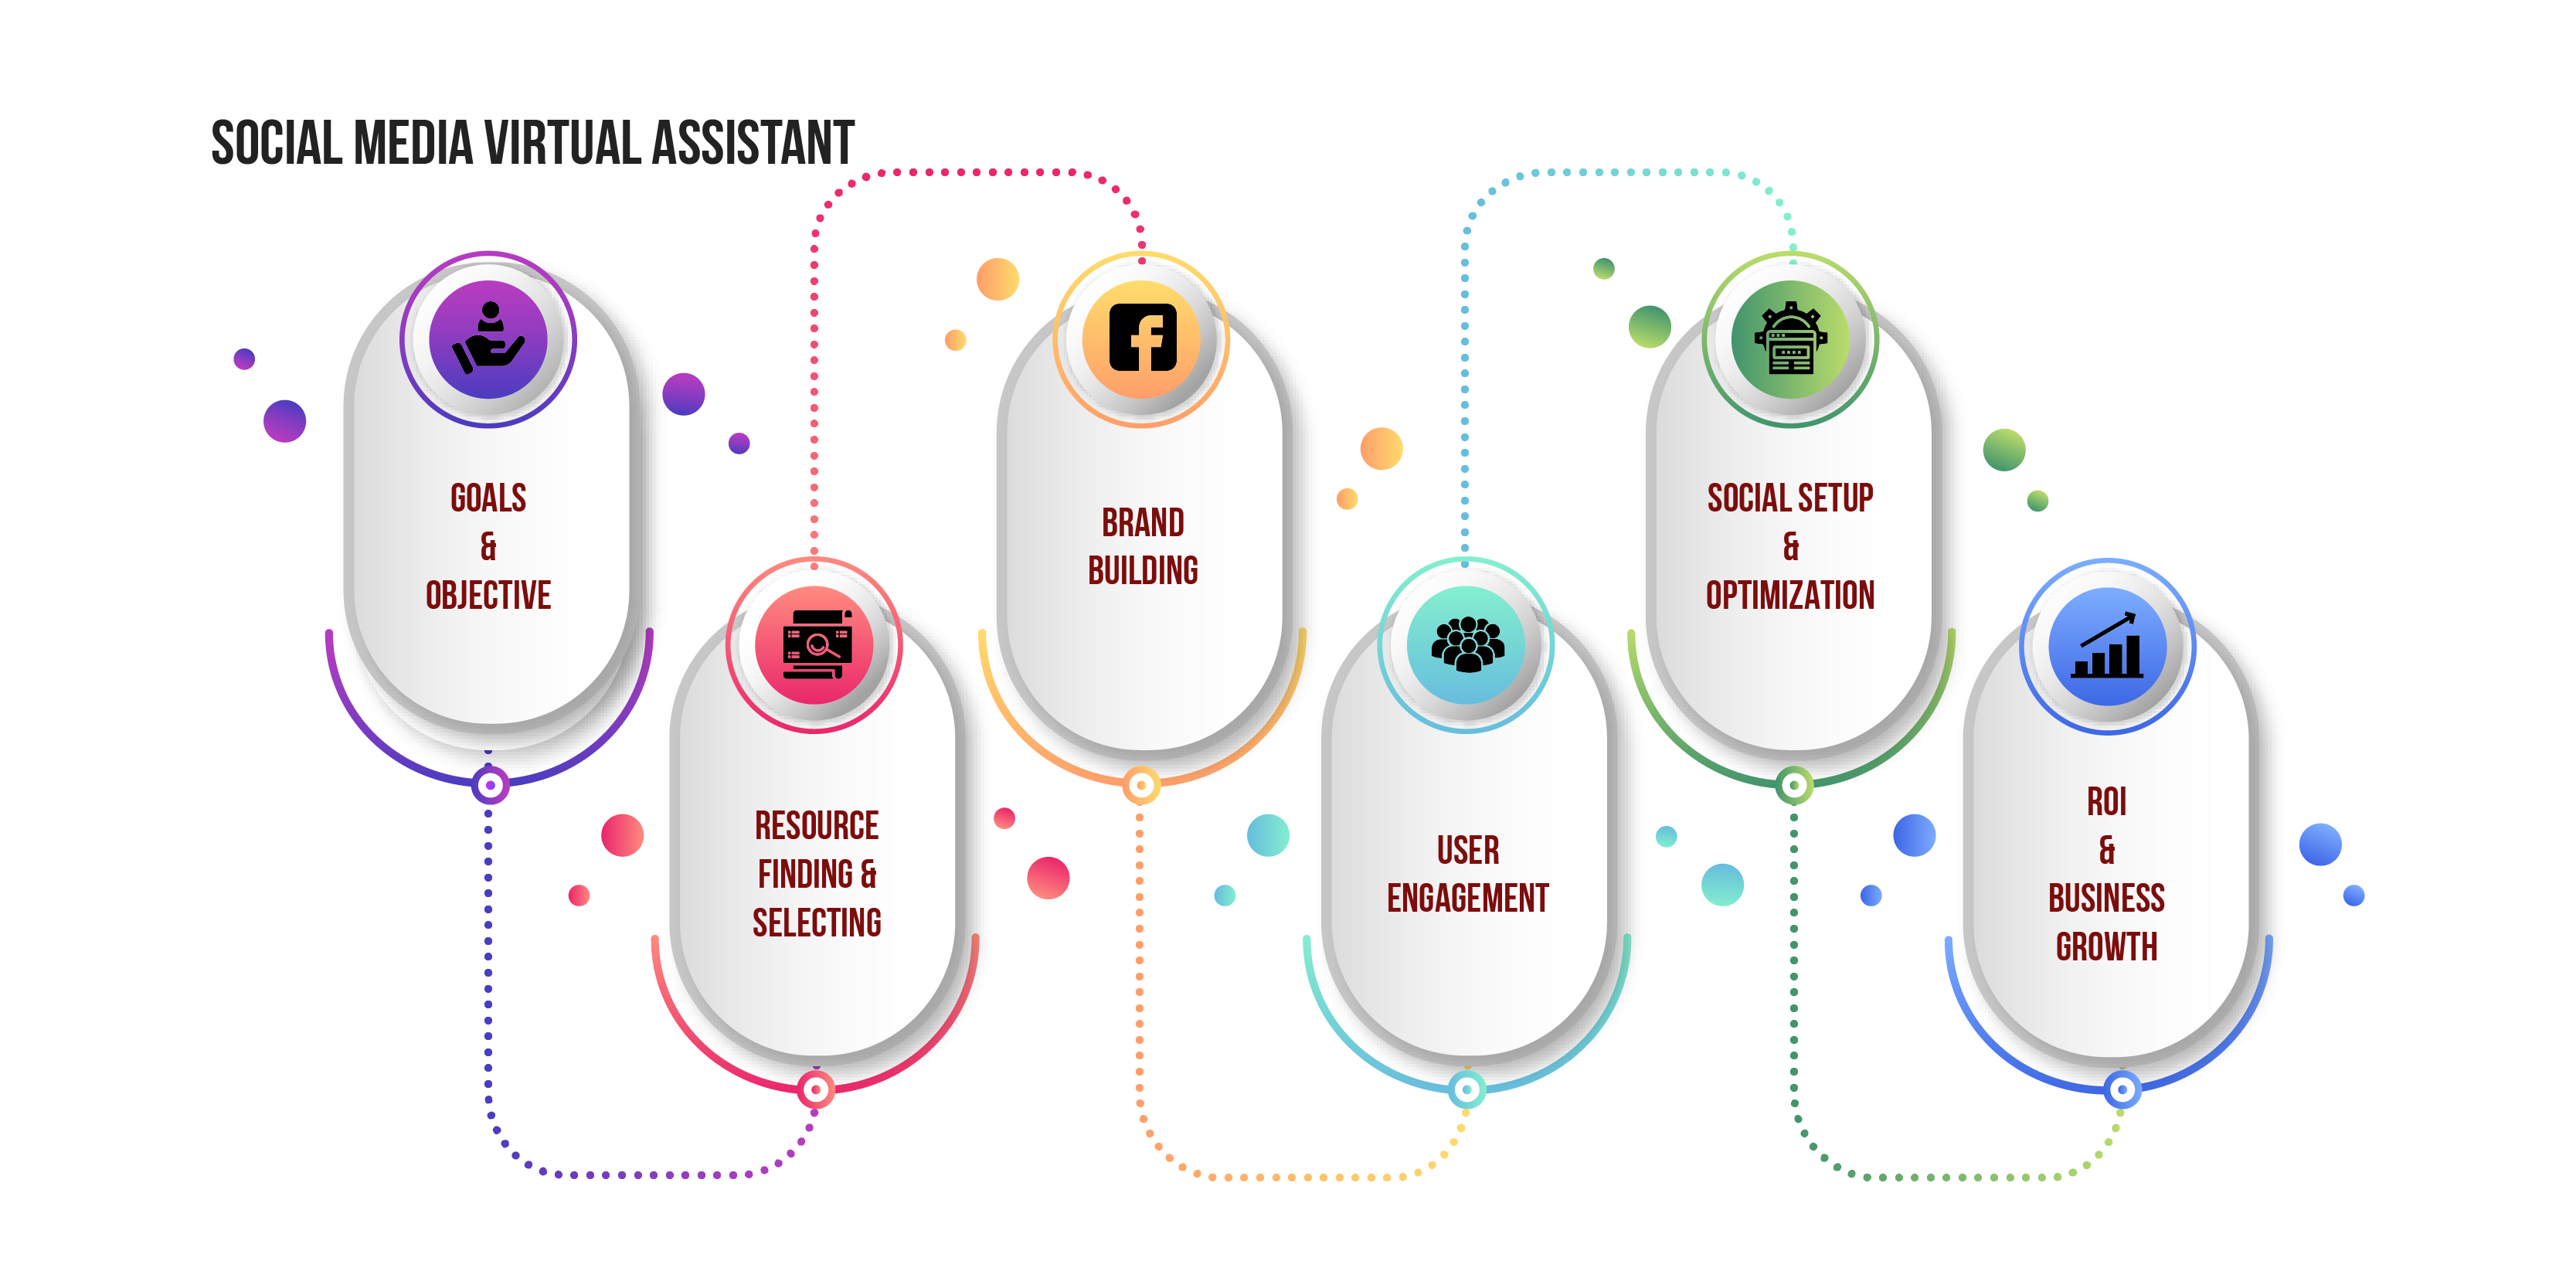 Social Media Virtual Assistant Service Process